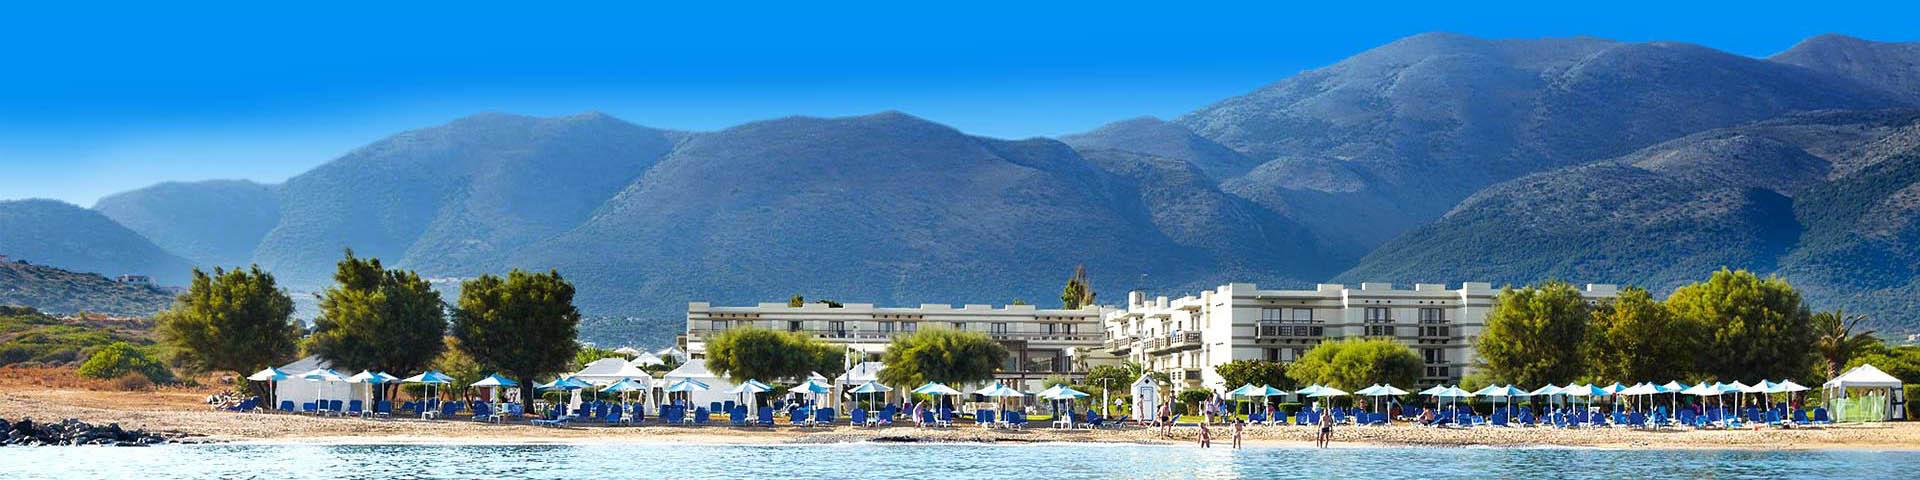 Hotel van LTI met zwembad en bergen op de achtergrond